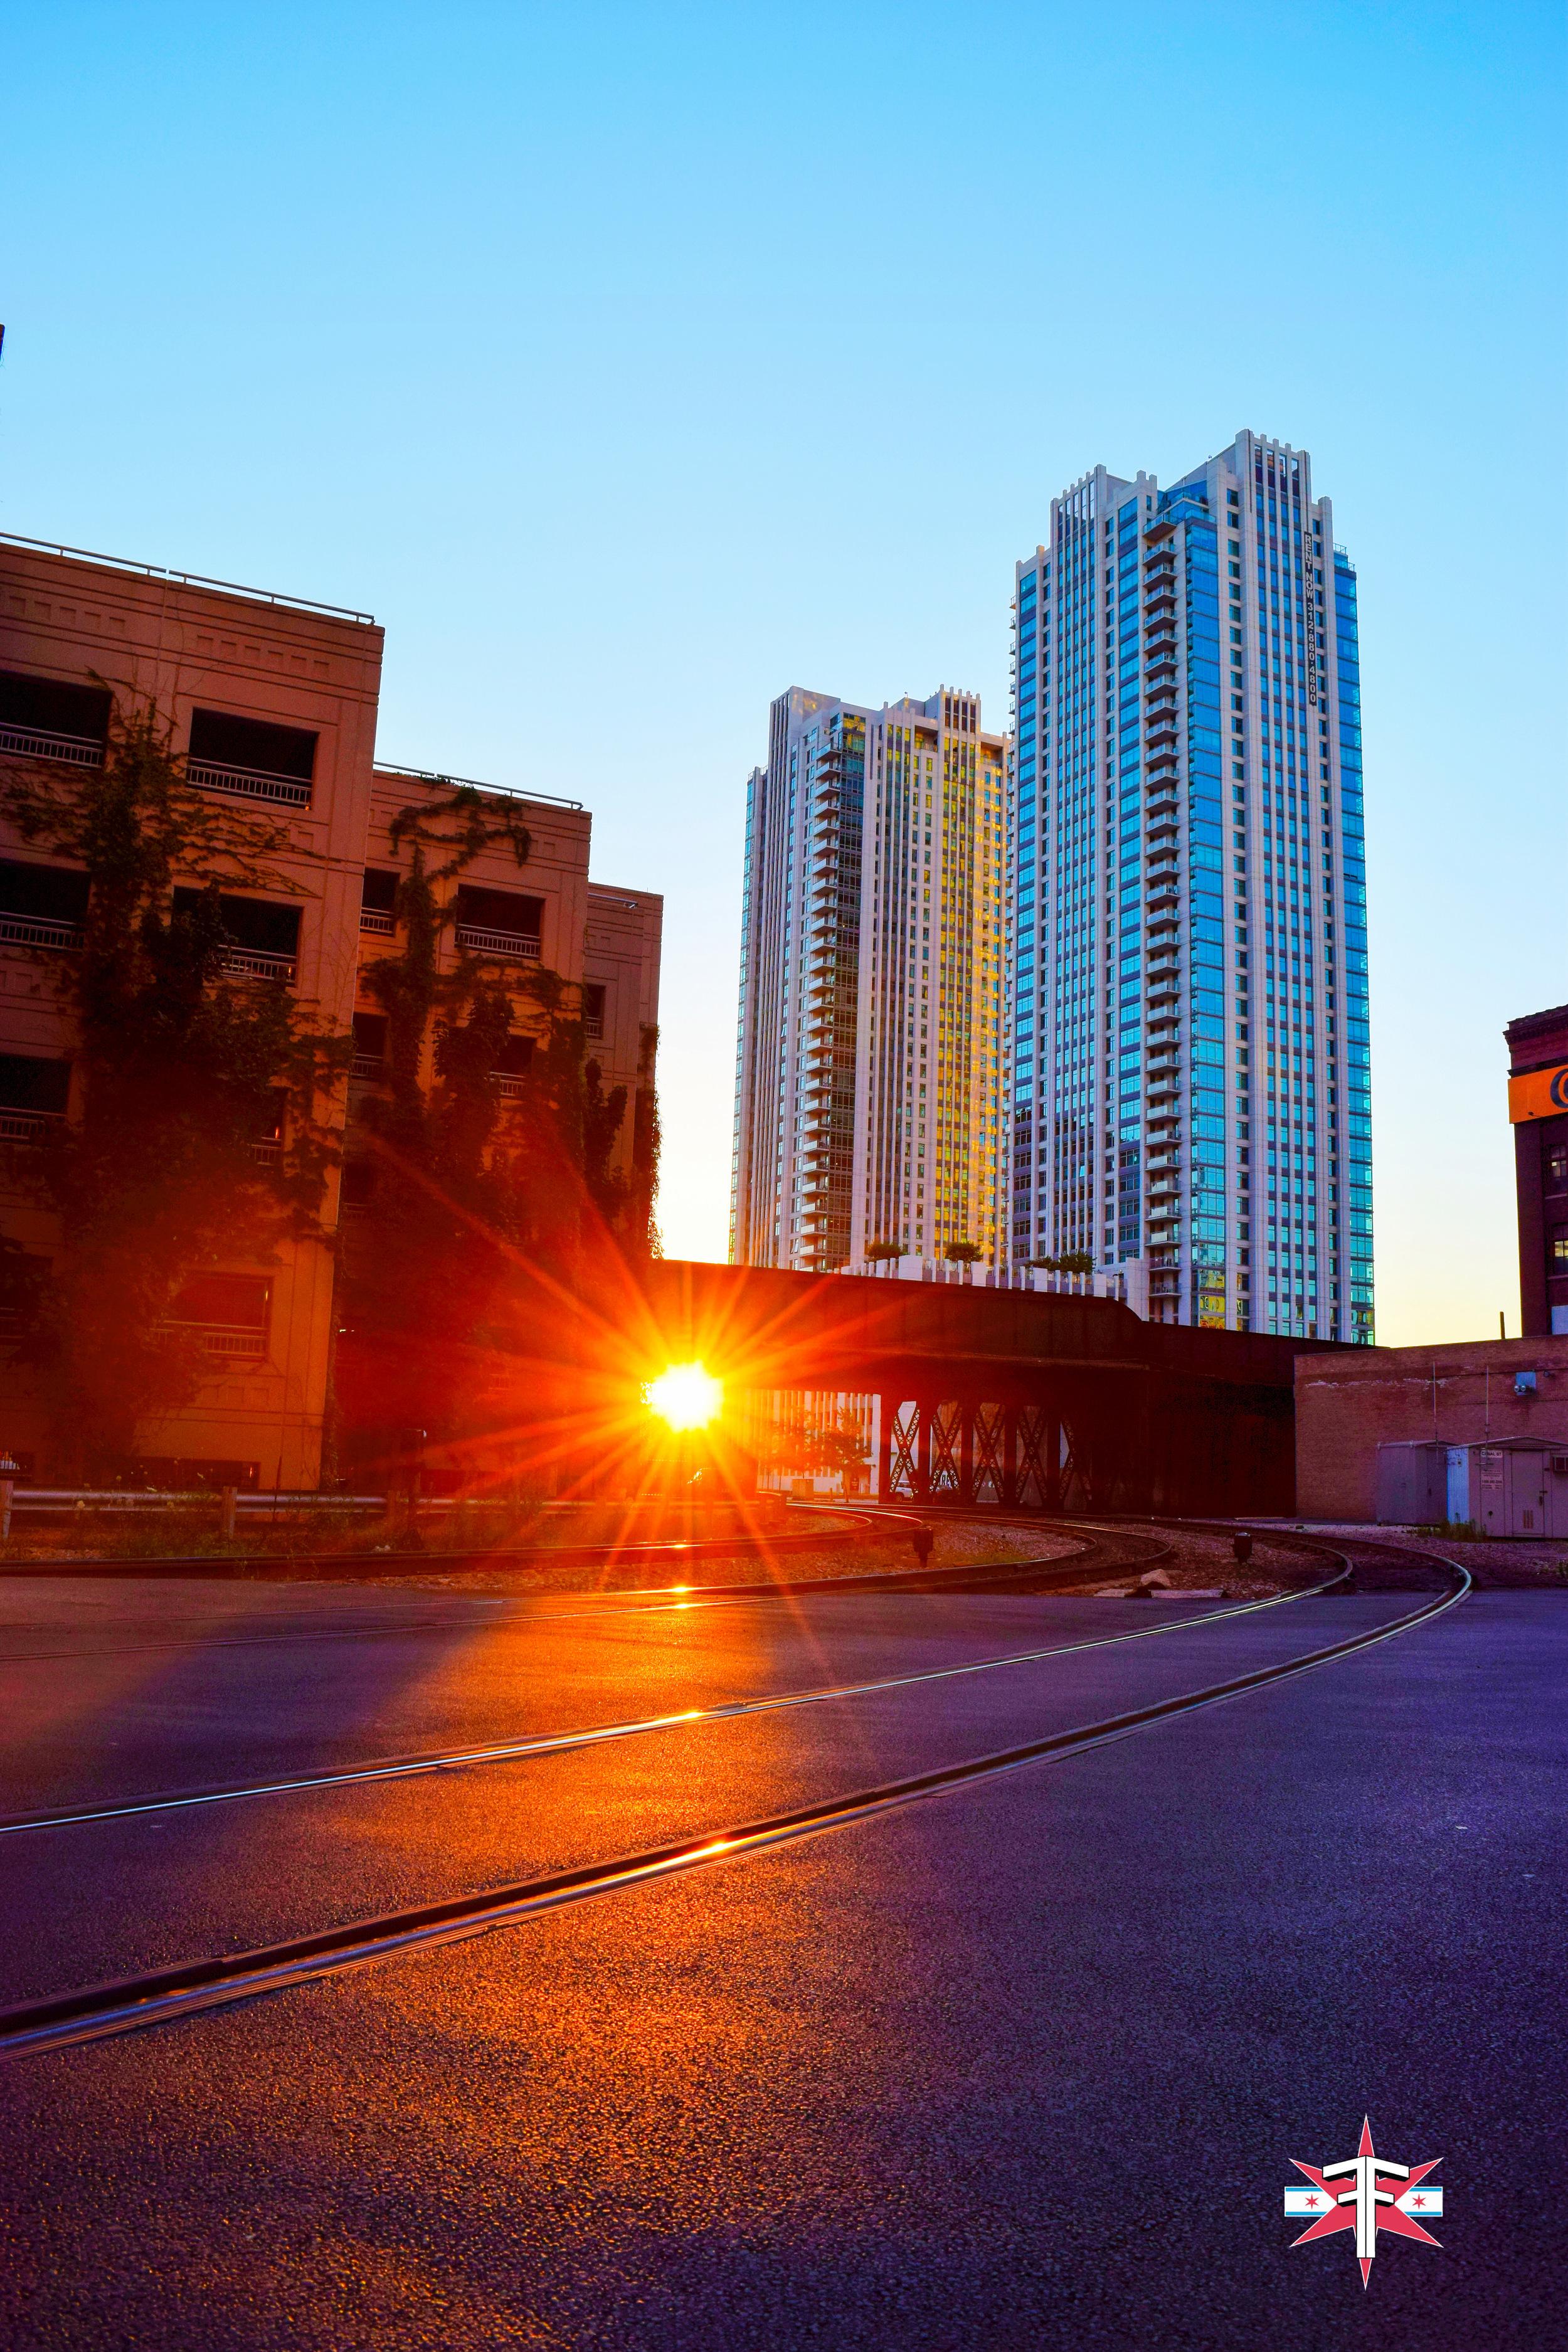 chicago art architecture eric formato photography design arquitectura architettura buildings skyscraper skyscrapers-93.jpg